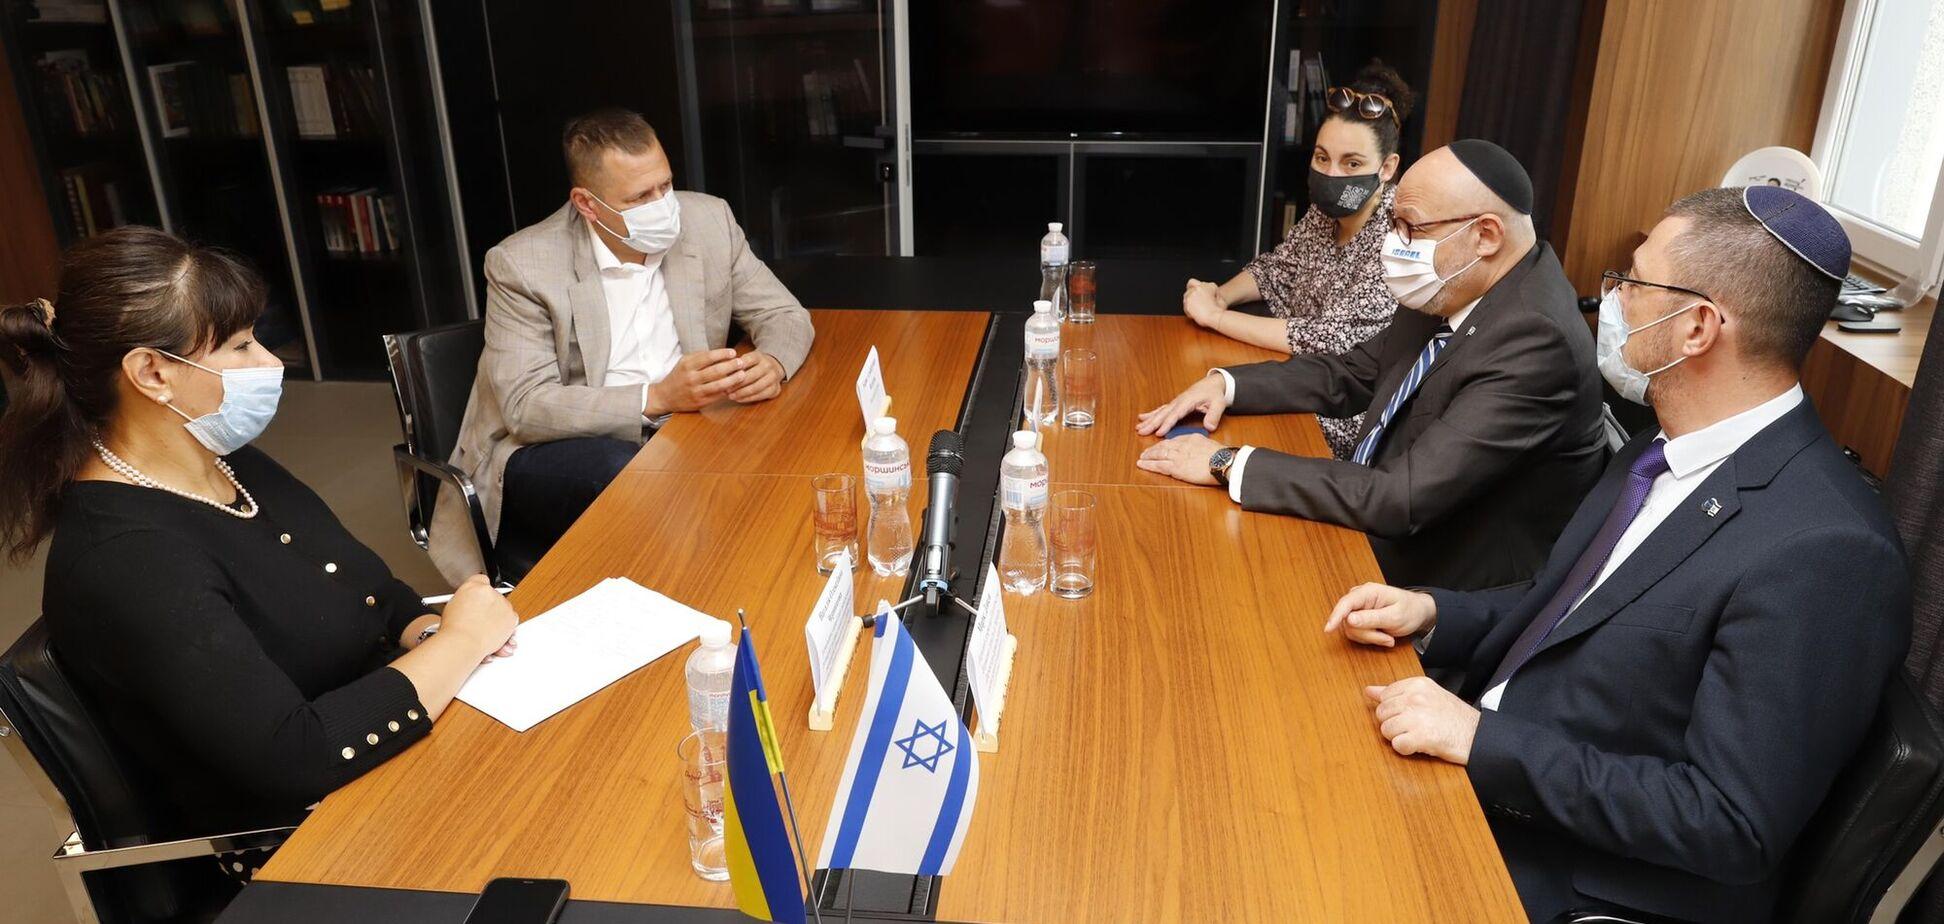 Днепр – важный город, здесь есть экономический потенциал, – посол Израиля в Украине